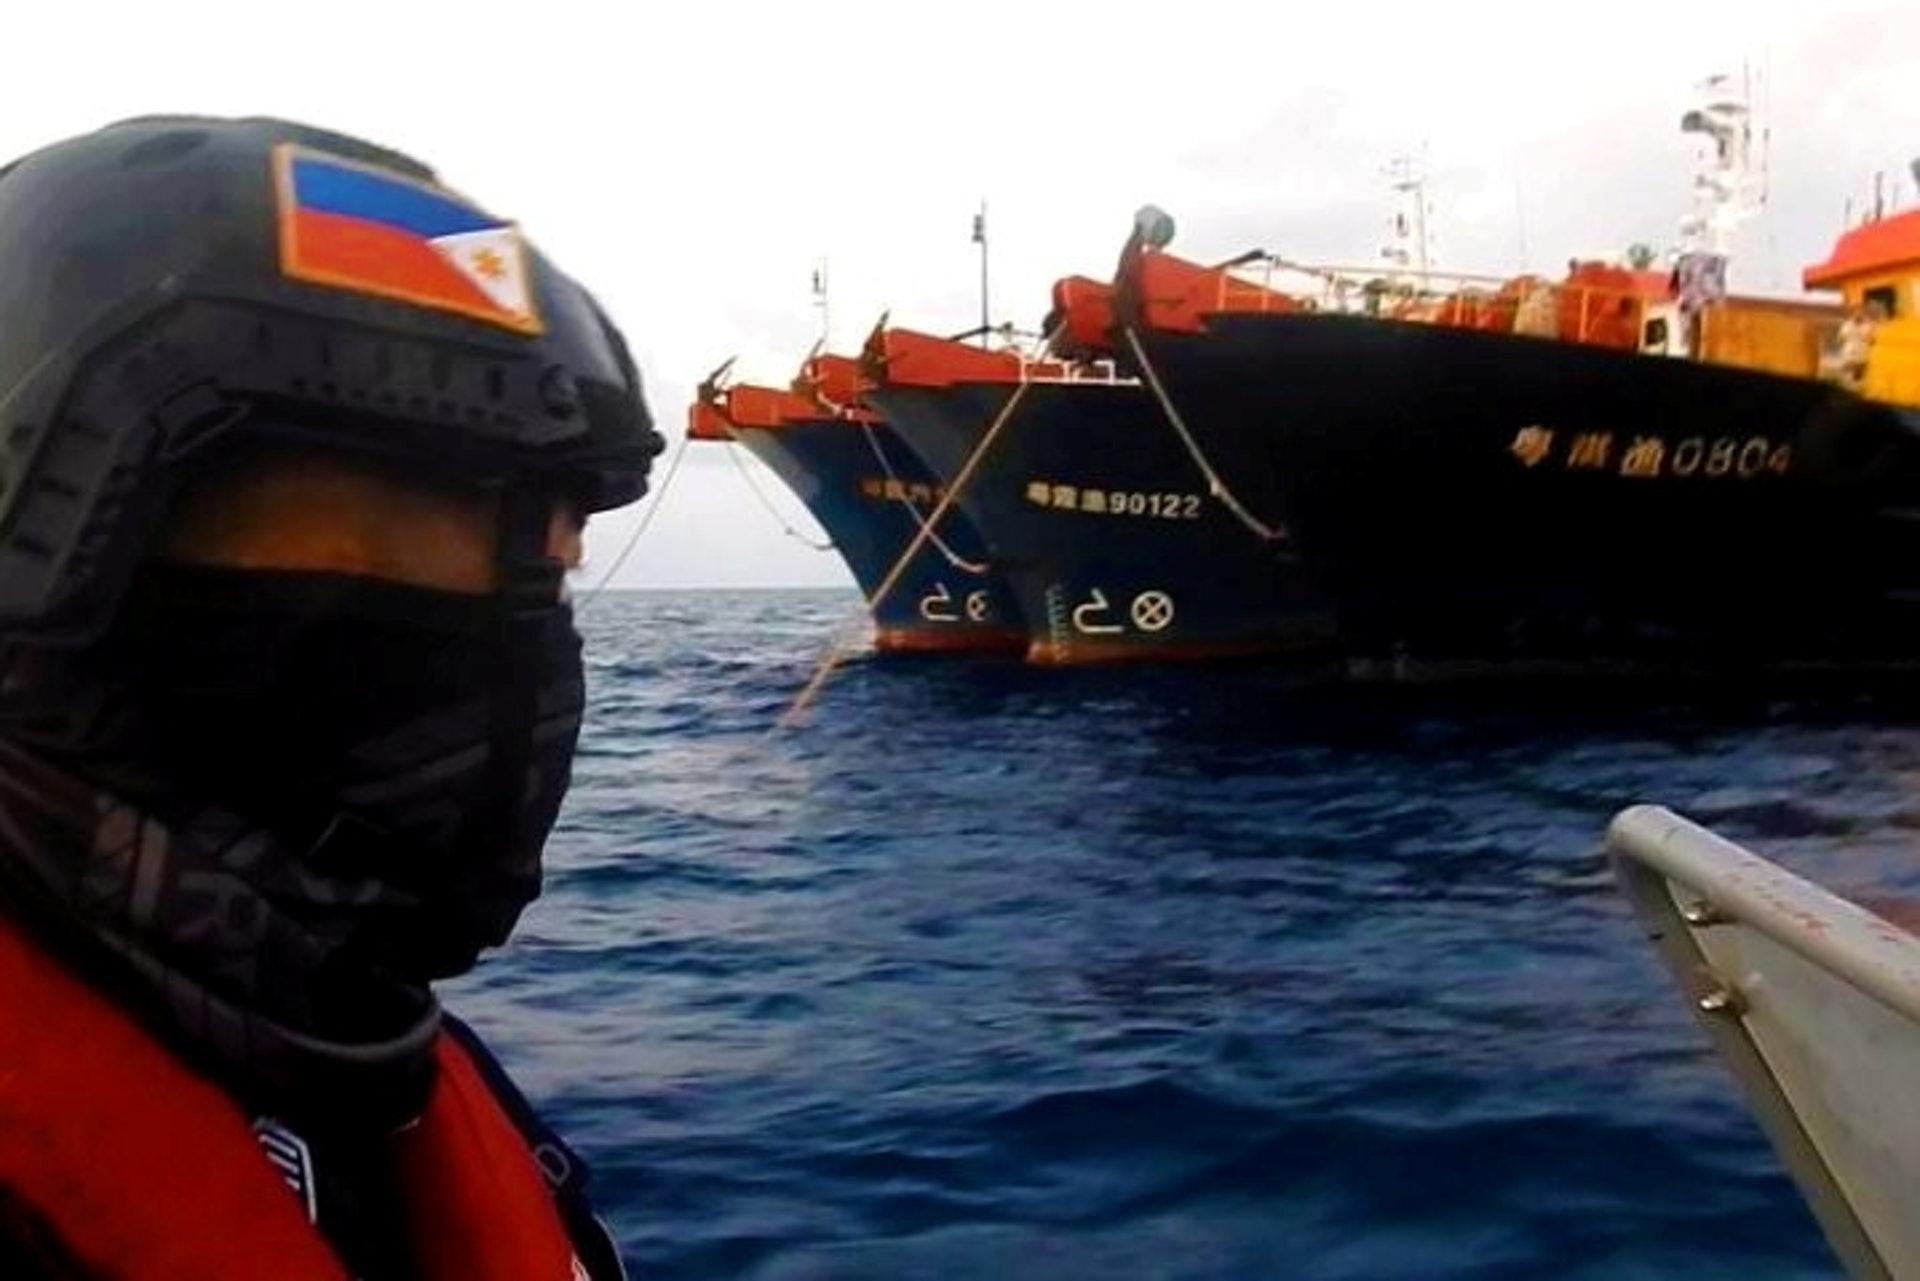 Cảnh sát biển Philippines áp sát tàu cá Trung Quốc hôm 14/4. Ảnh: PCG.